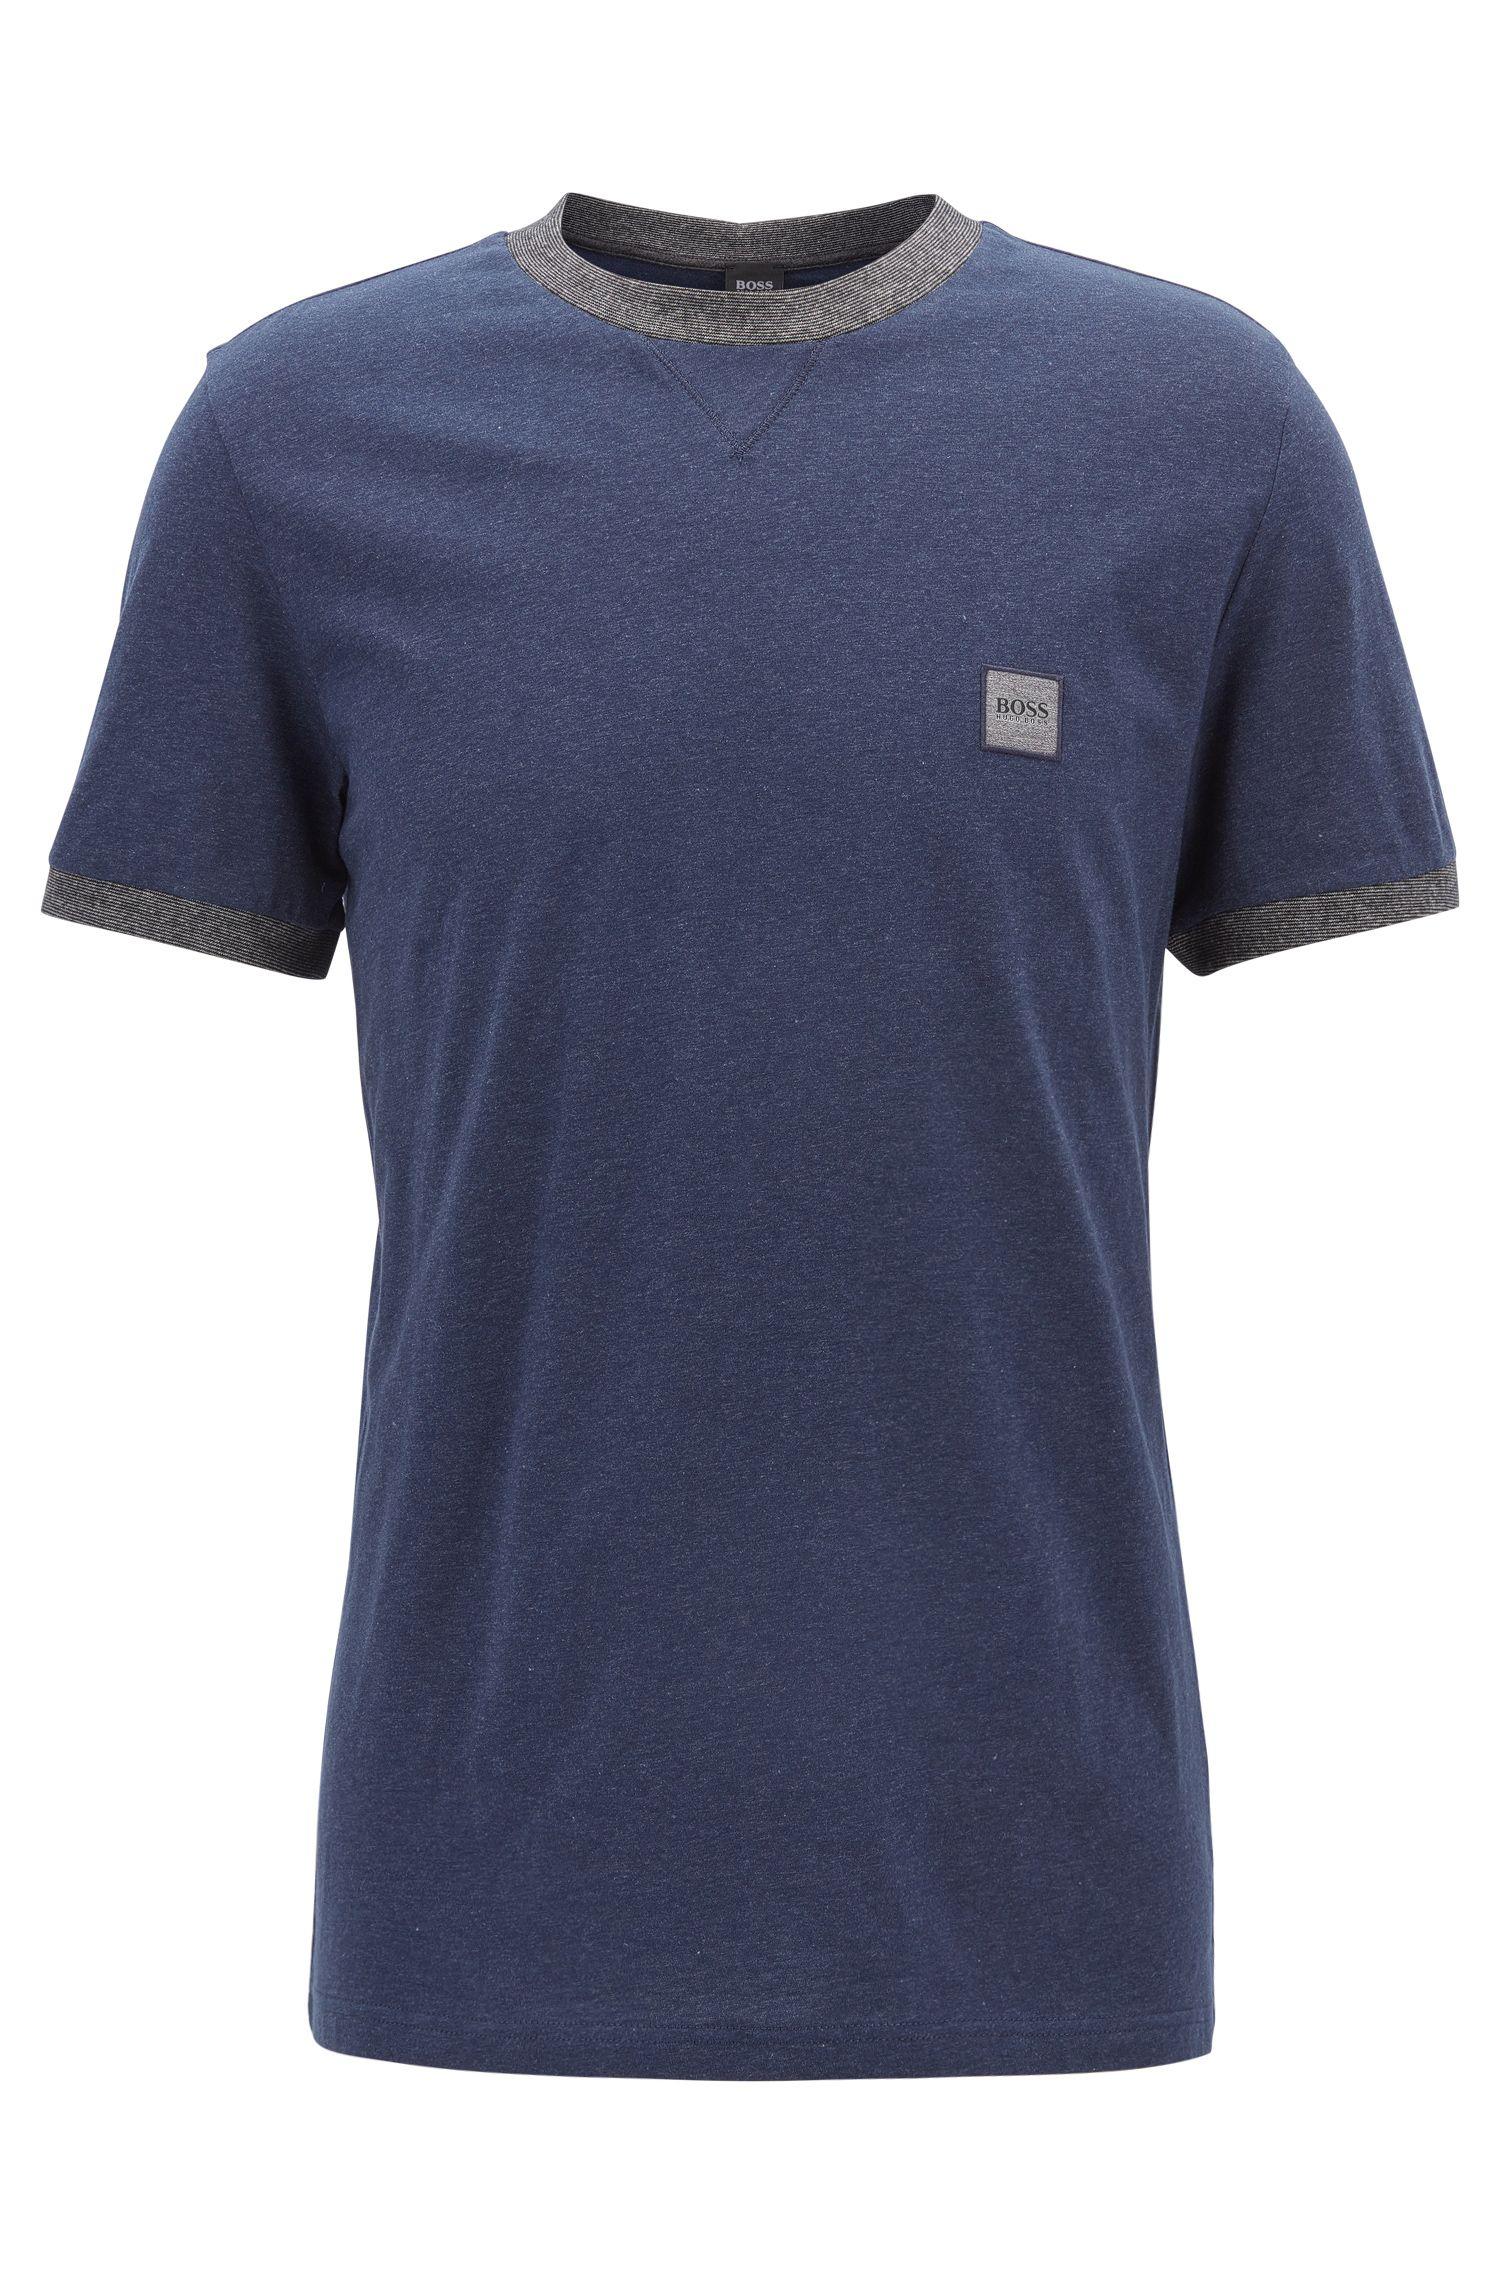 Camiseta de algodón relaxed fit